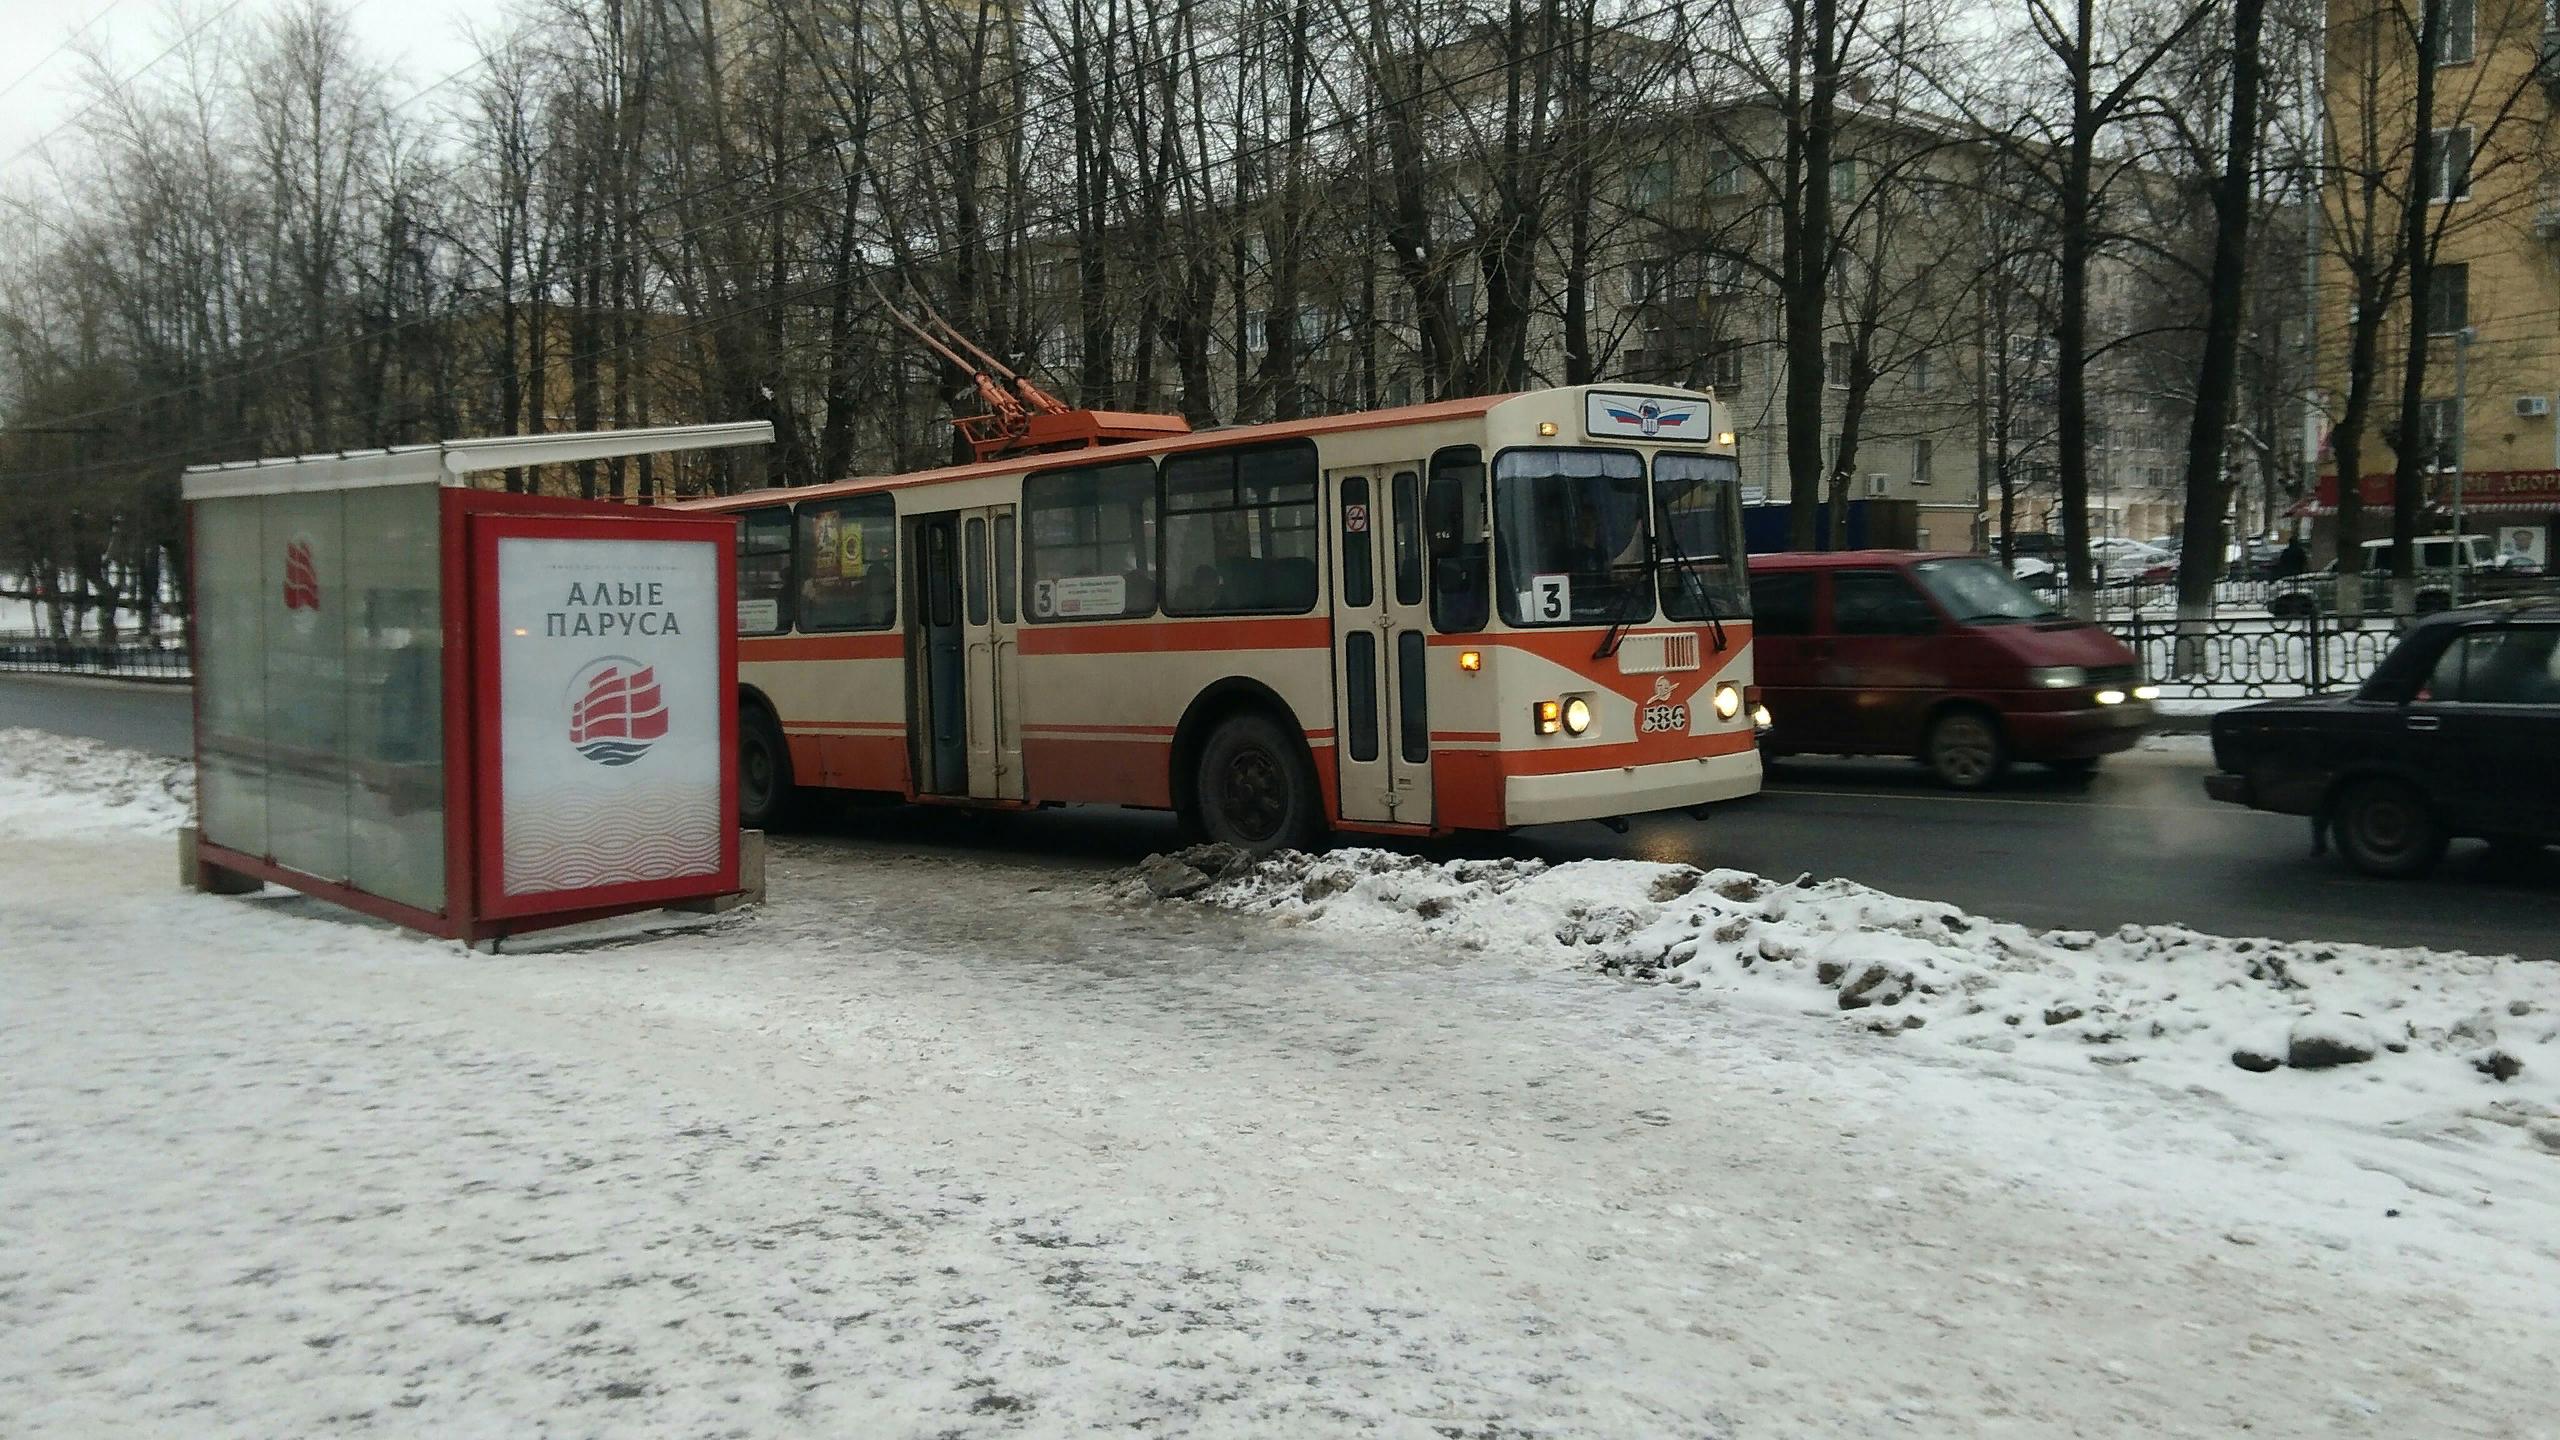 Троллейбус марки ЗИУ-9 уже давно устарел, но по улицам Кирова до сих пор ездит!